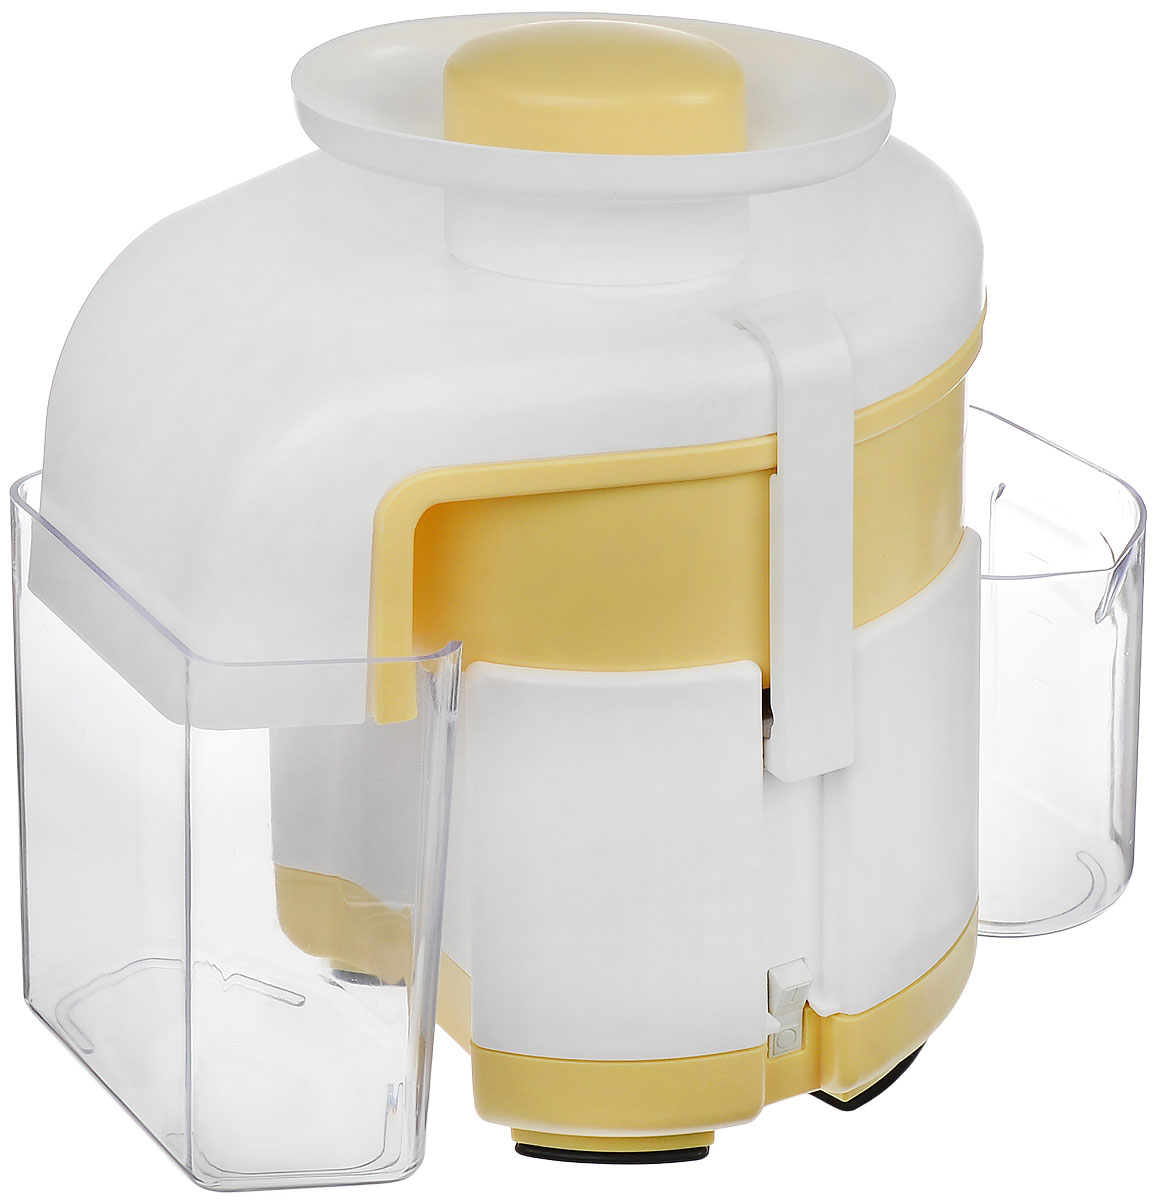 Журавинка СВСП 102 П, White Yellow соковыжималка дачница свпр 201 03 white соковыжималка